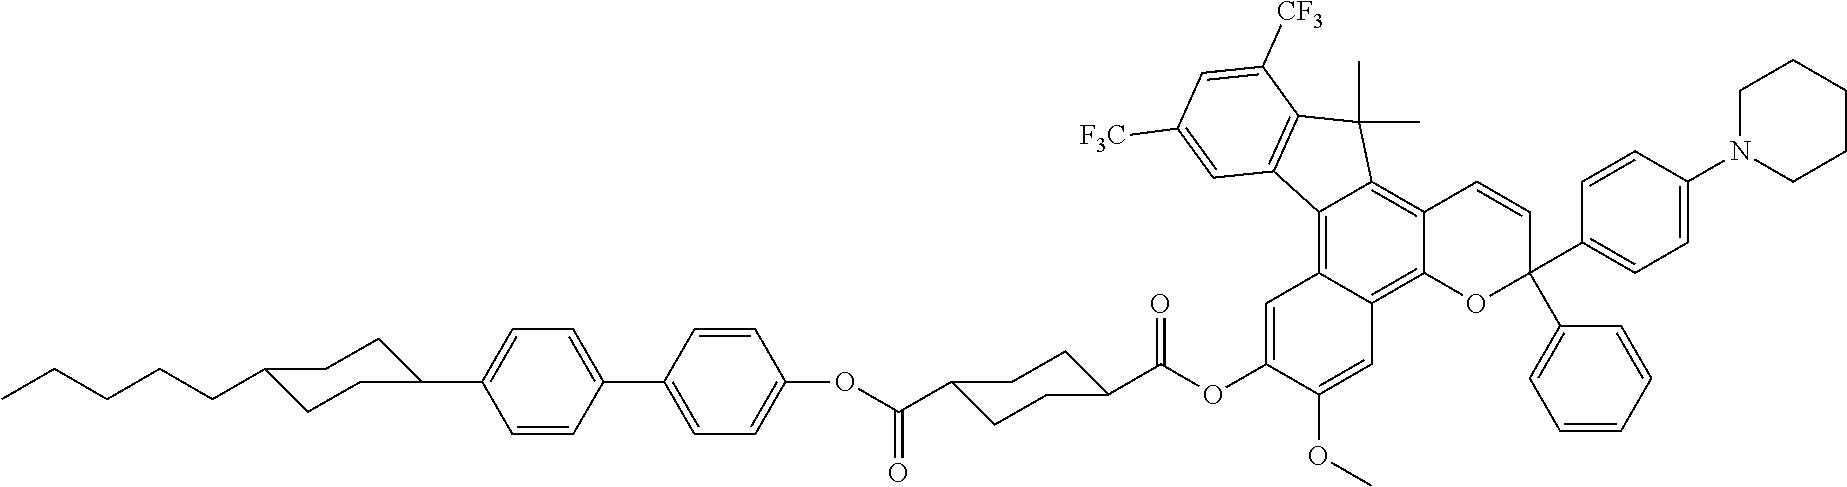 Figure US08518546-20130827-C00056